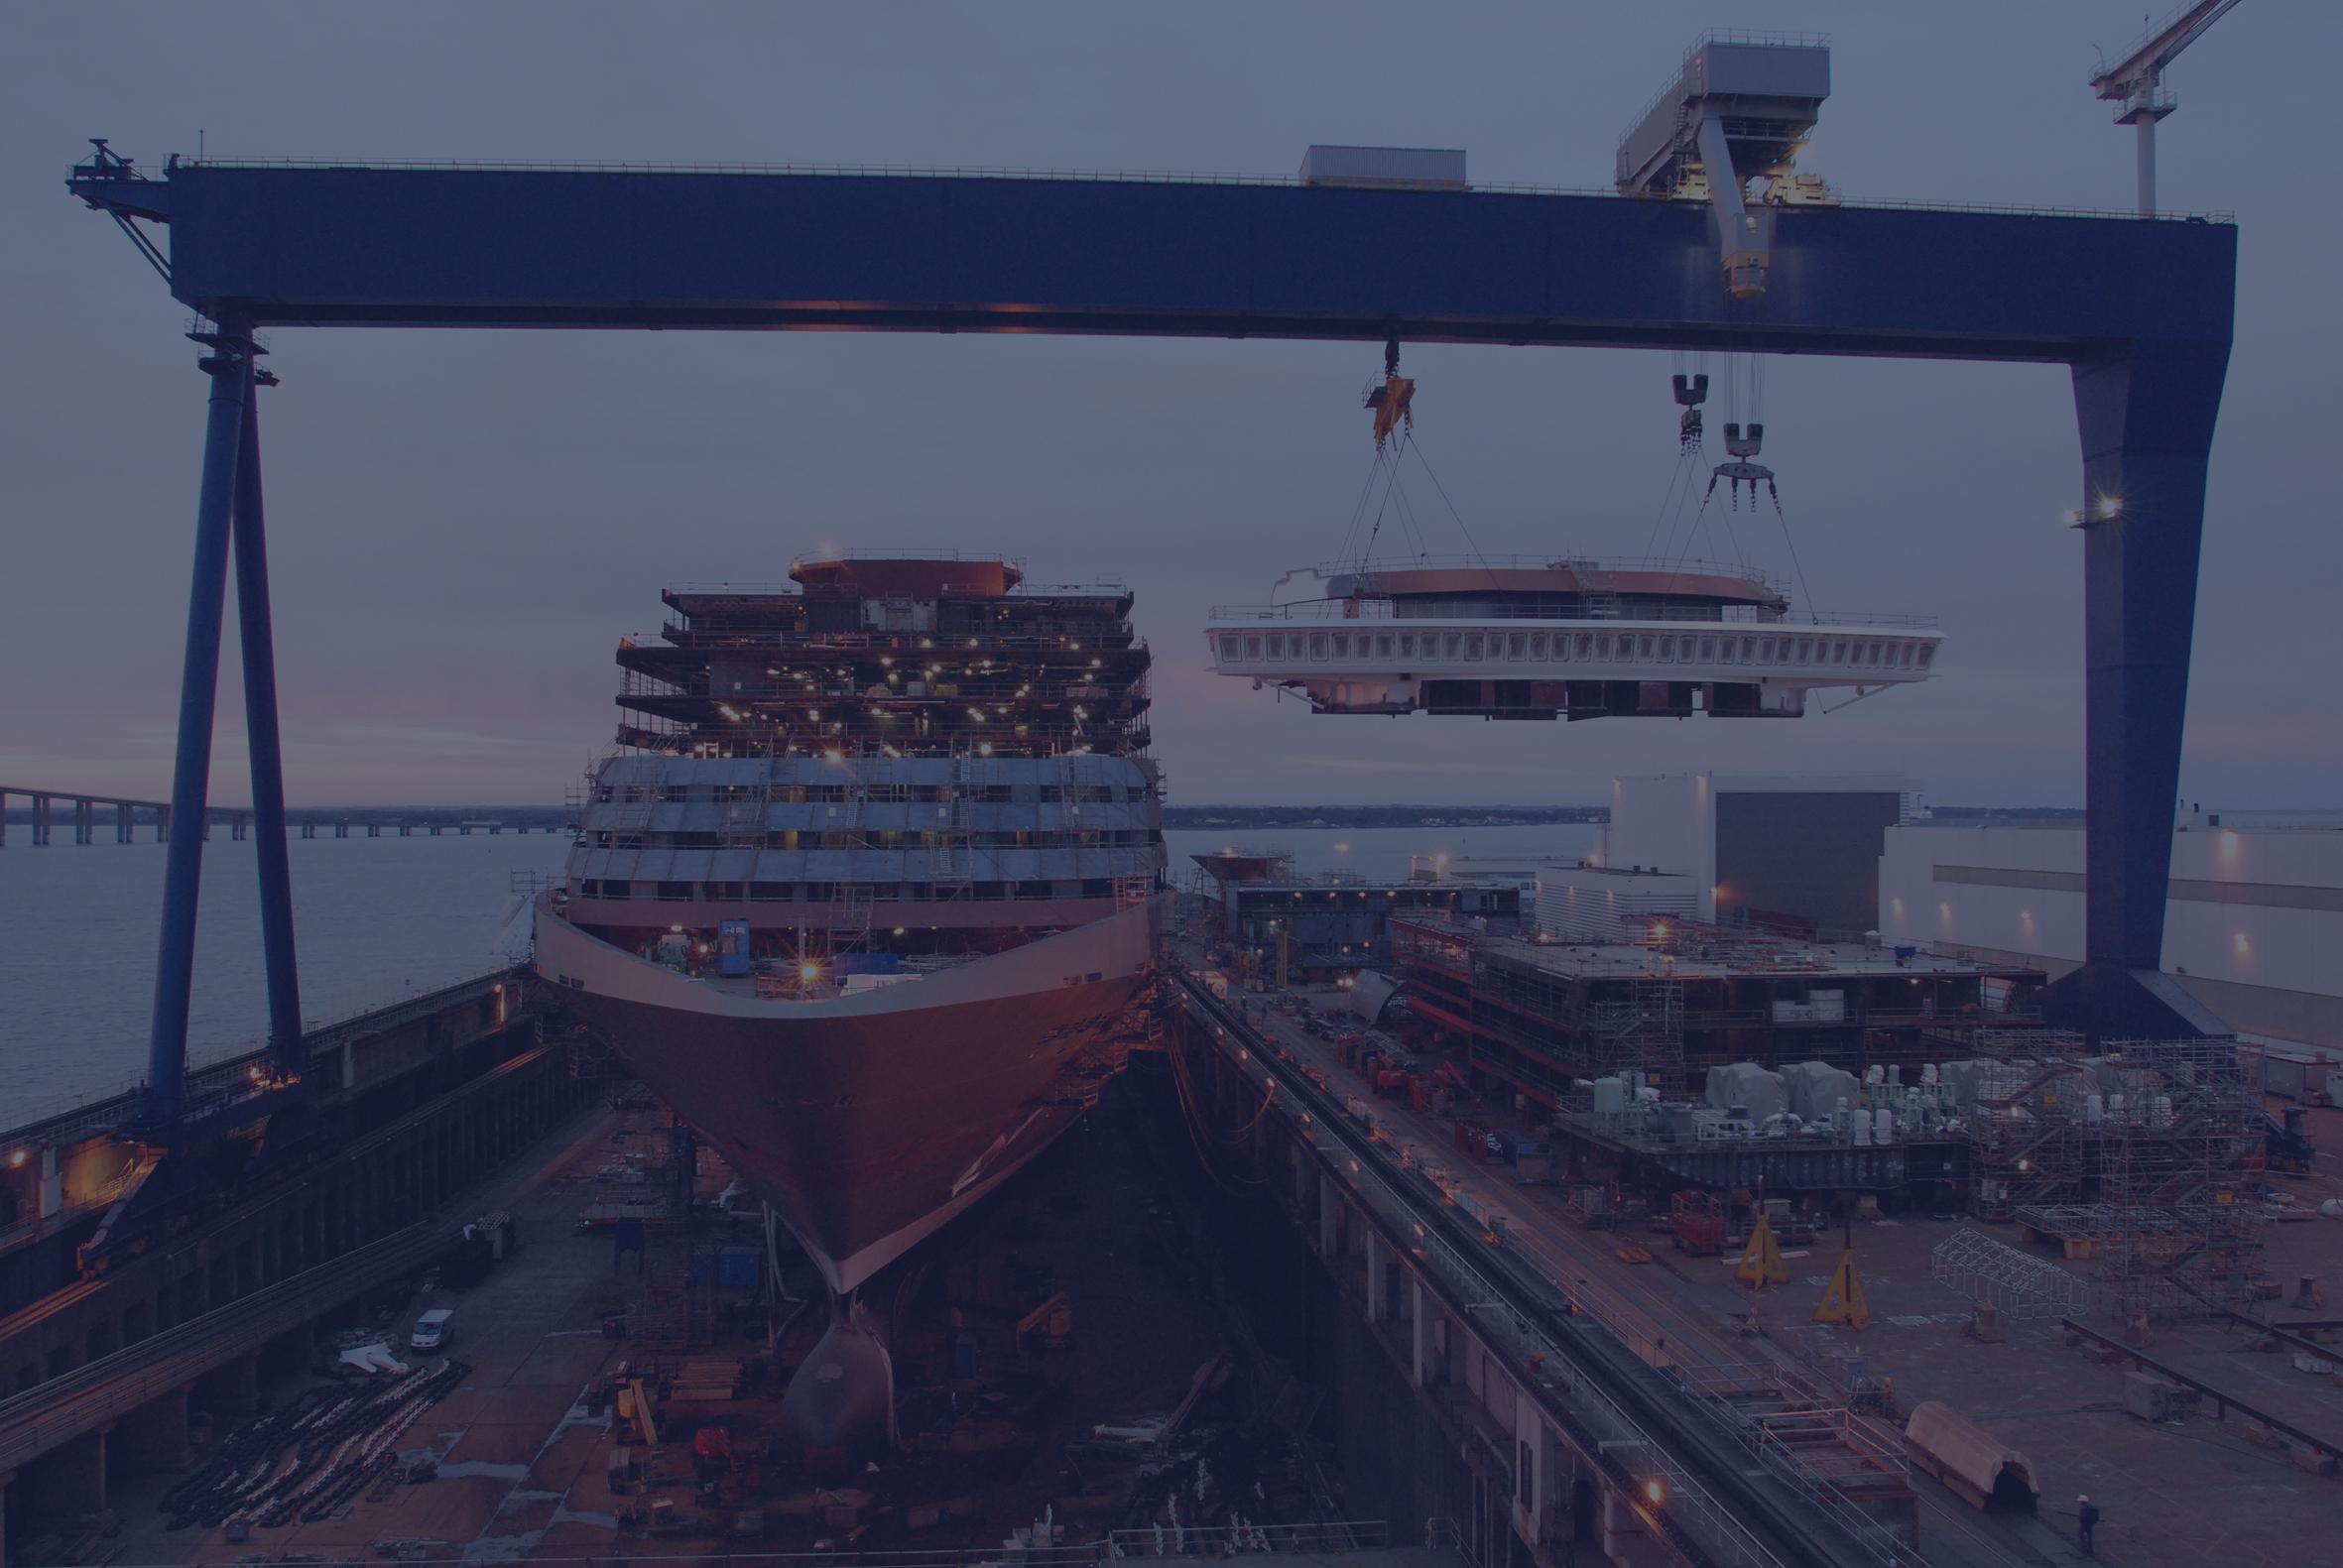 Chantiers de l'Atlantique / Industrie Navale 4.0